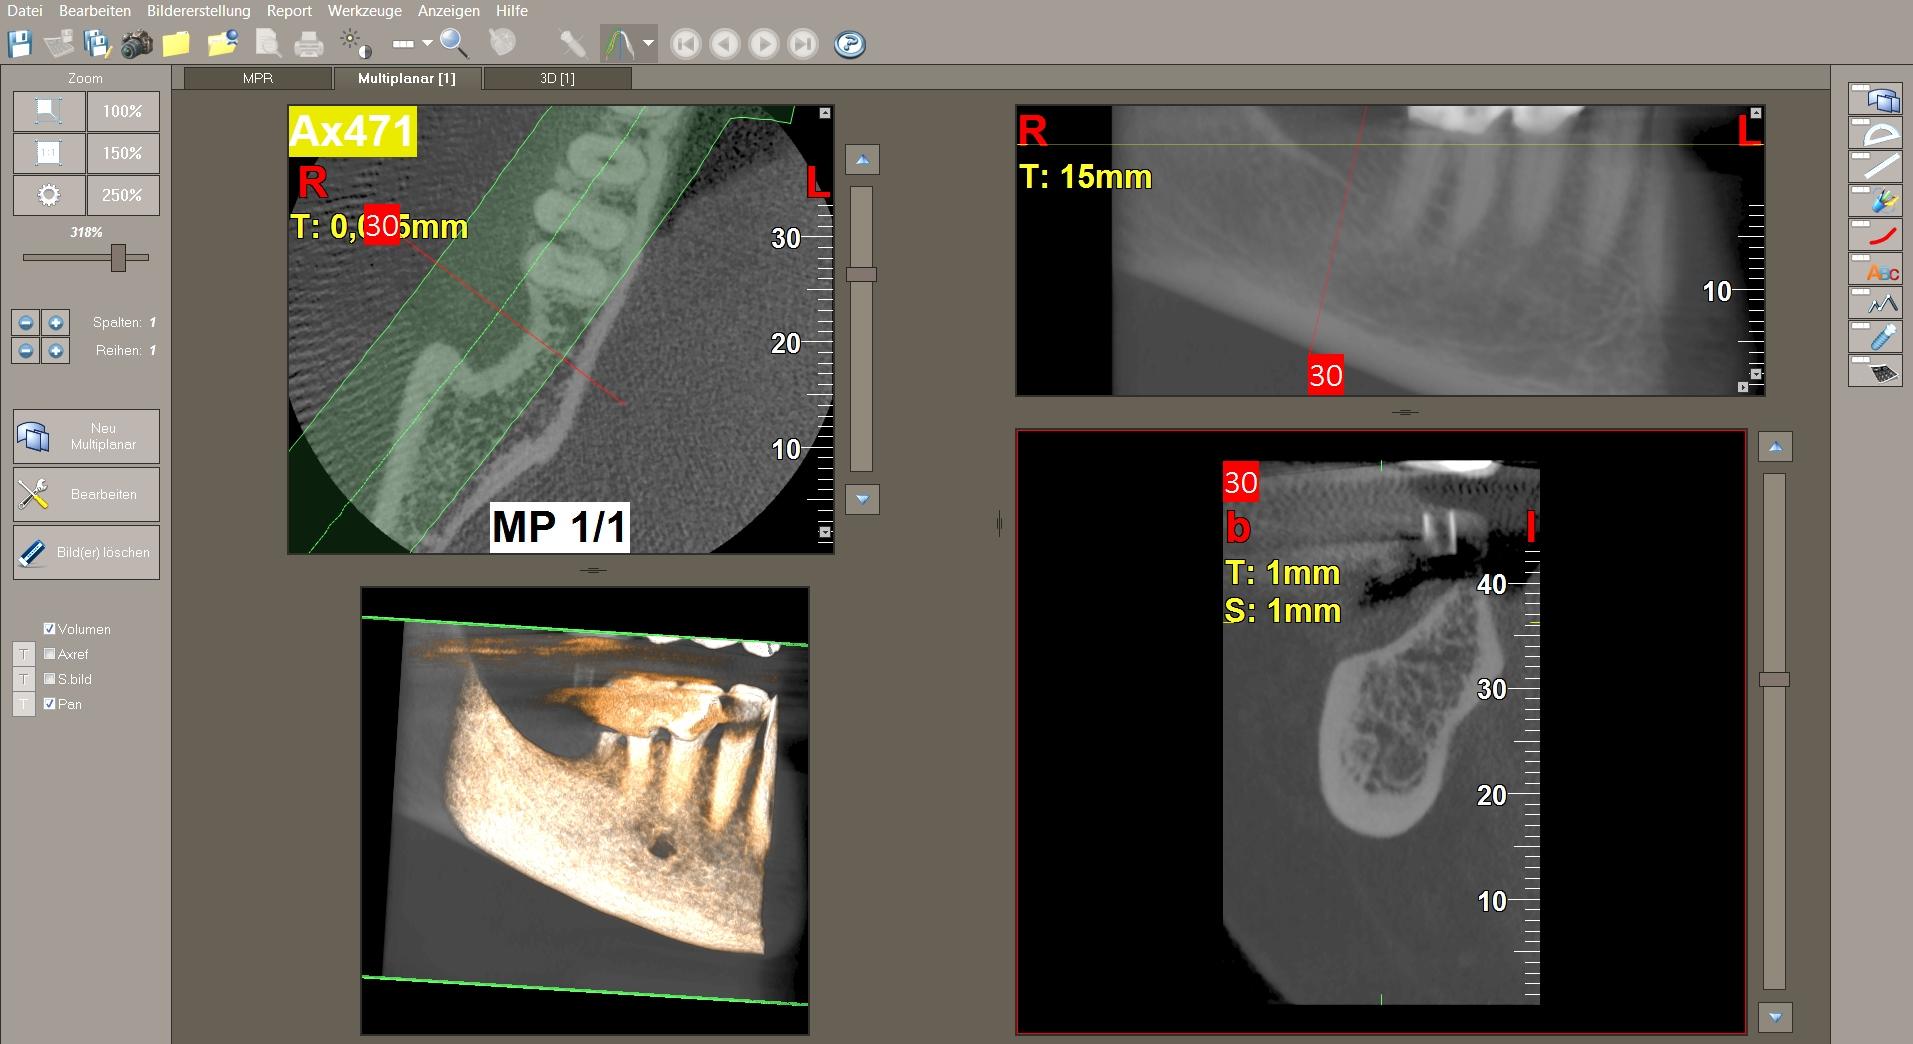 """Diagnostik zur Eruierung des Knochenangebotes und Kieferkammverlaufes vor einer Implantation: Auf der """"normalen"""" 2-D-Aufnahme zeigte sich ein vertikal ausreichendes Knochenangebot. Bei der intraoralen Diagnostik ergab sich jedoch, daß der Unterkieferknochen eine Einziehung unterhalb der geplanten Implantat-Position aufweist, weshalb präperativ zur Absicherung eine 3-D-Diagnostik erfolgte."""